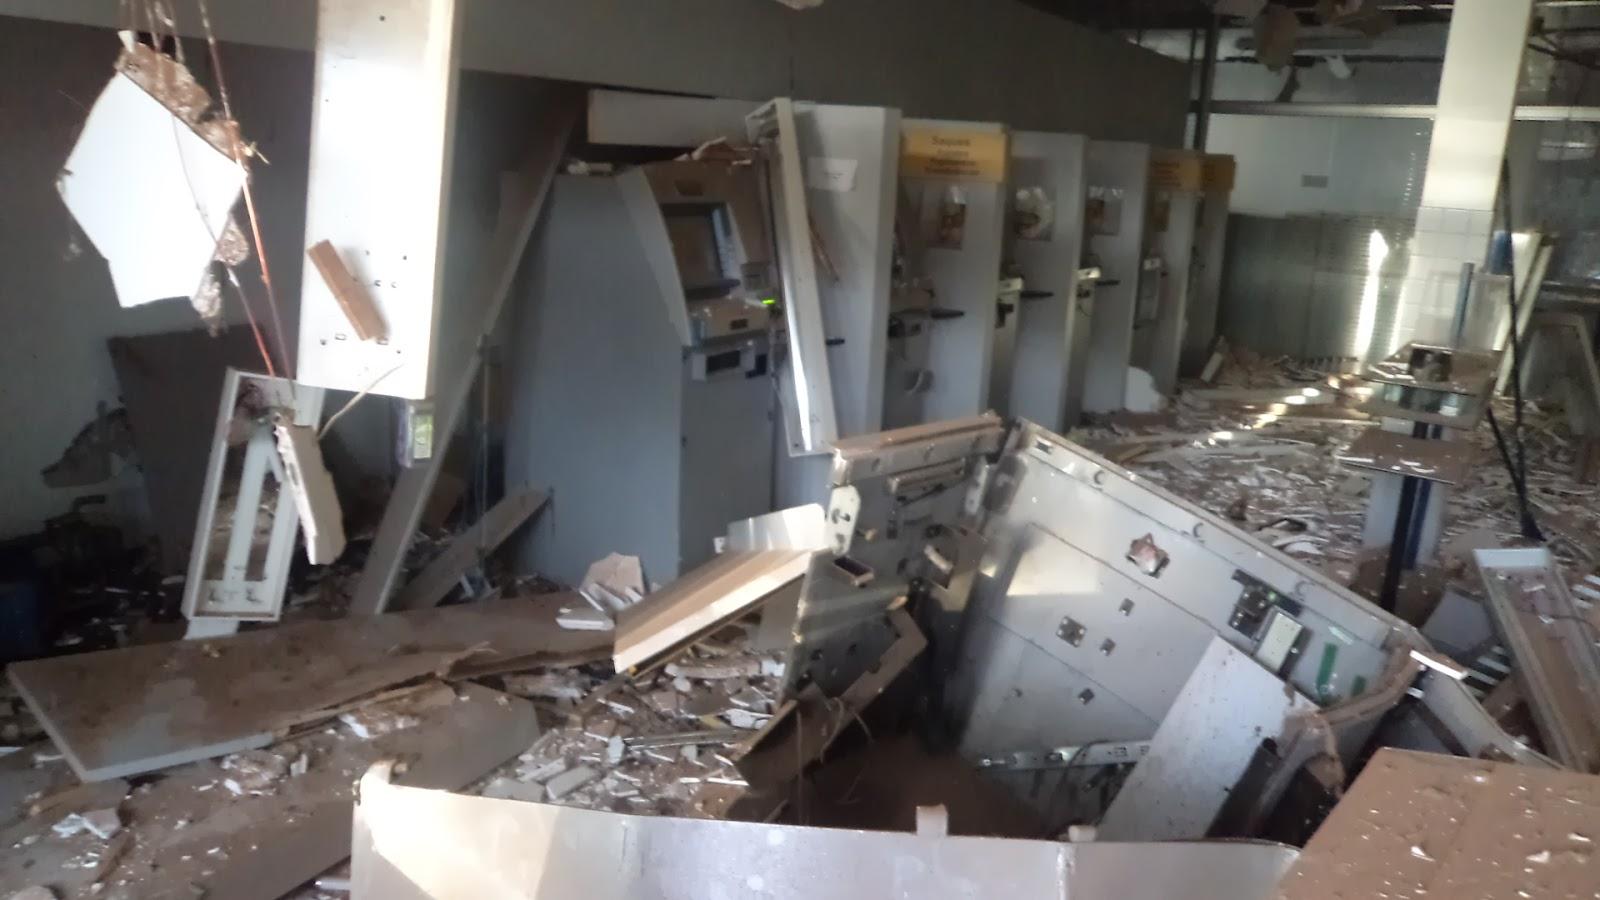 Líder de quadrilha de Novo Cangaço que assaltou Banco em Canarana é condenado